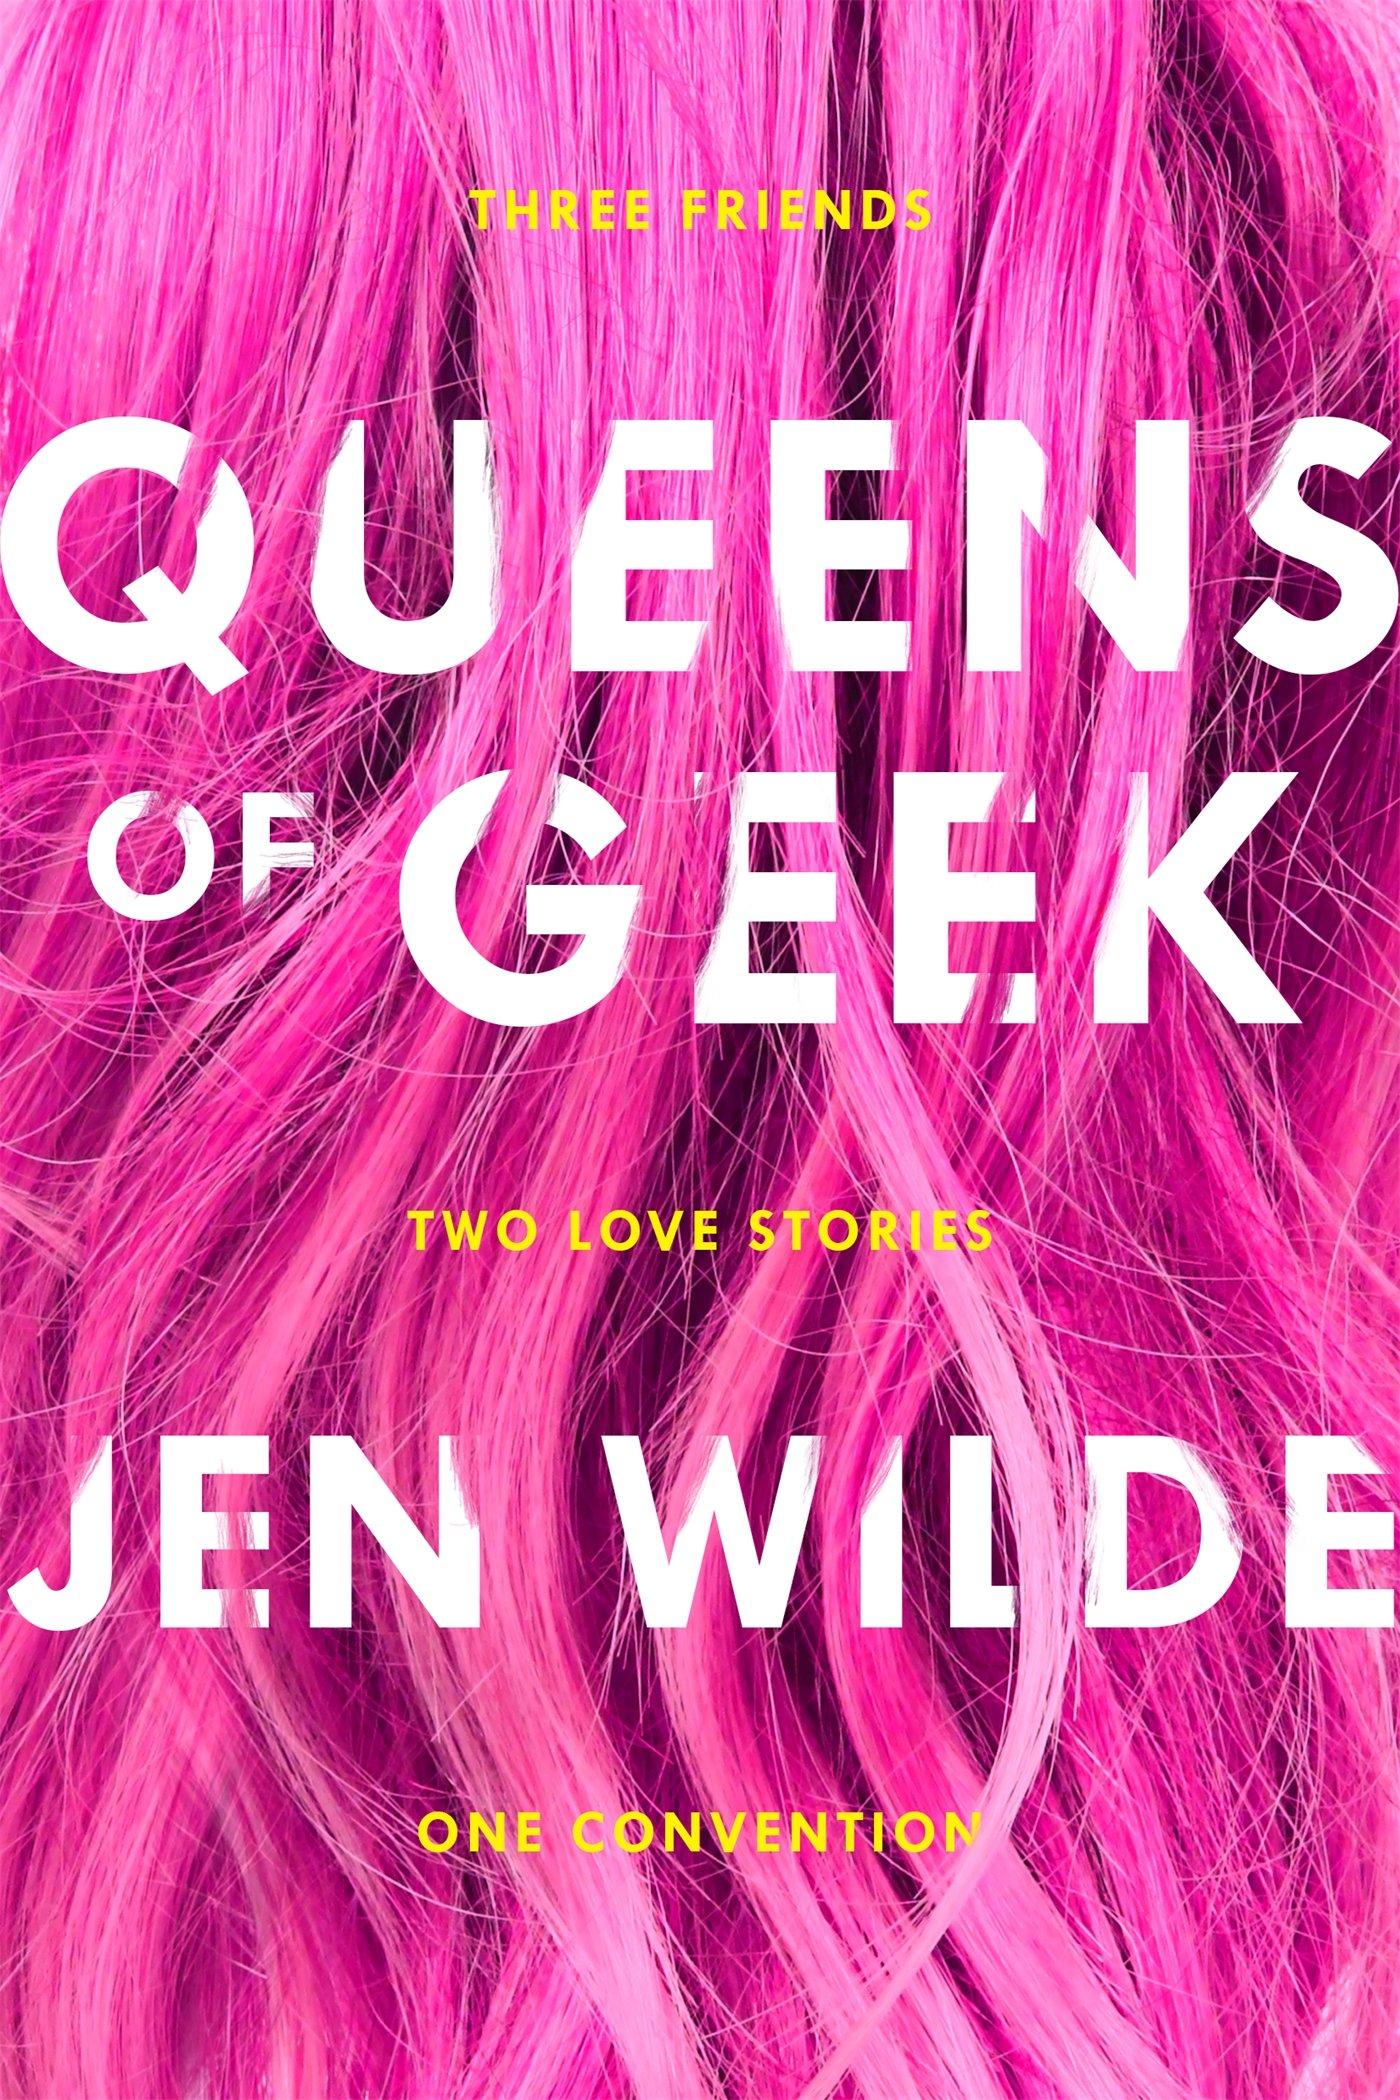 Amazon.com: Queens of Geek (9781250111395): Wilde, Jen: Books